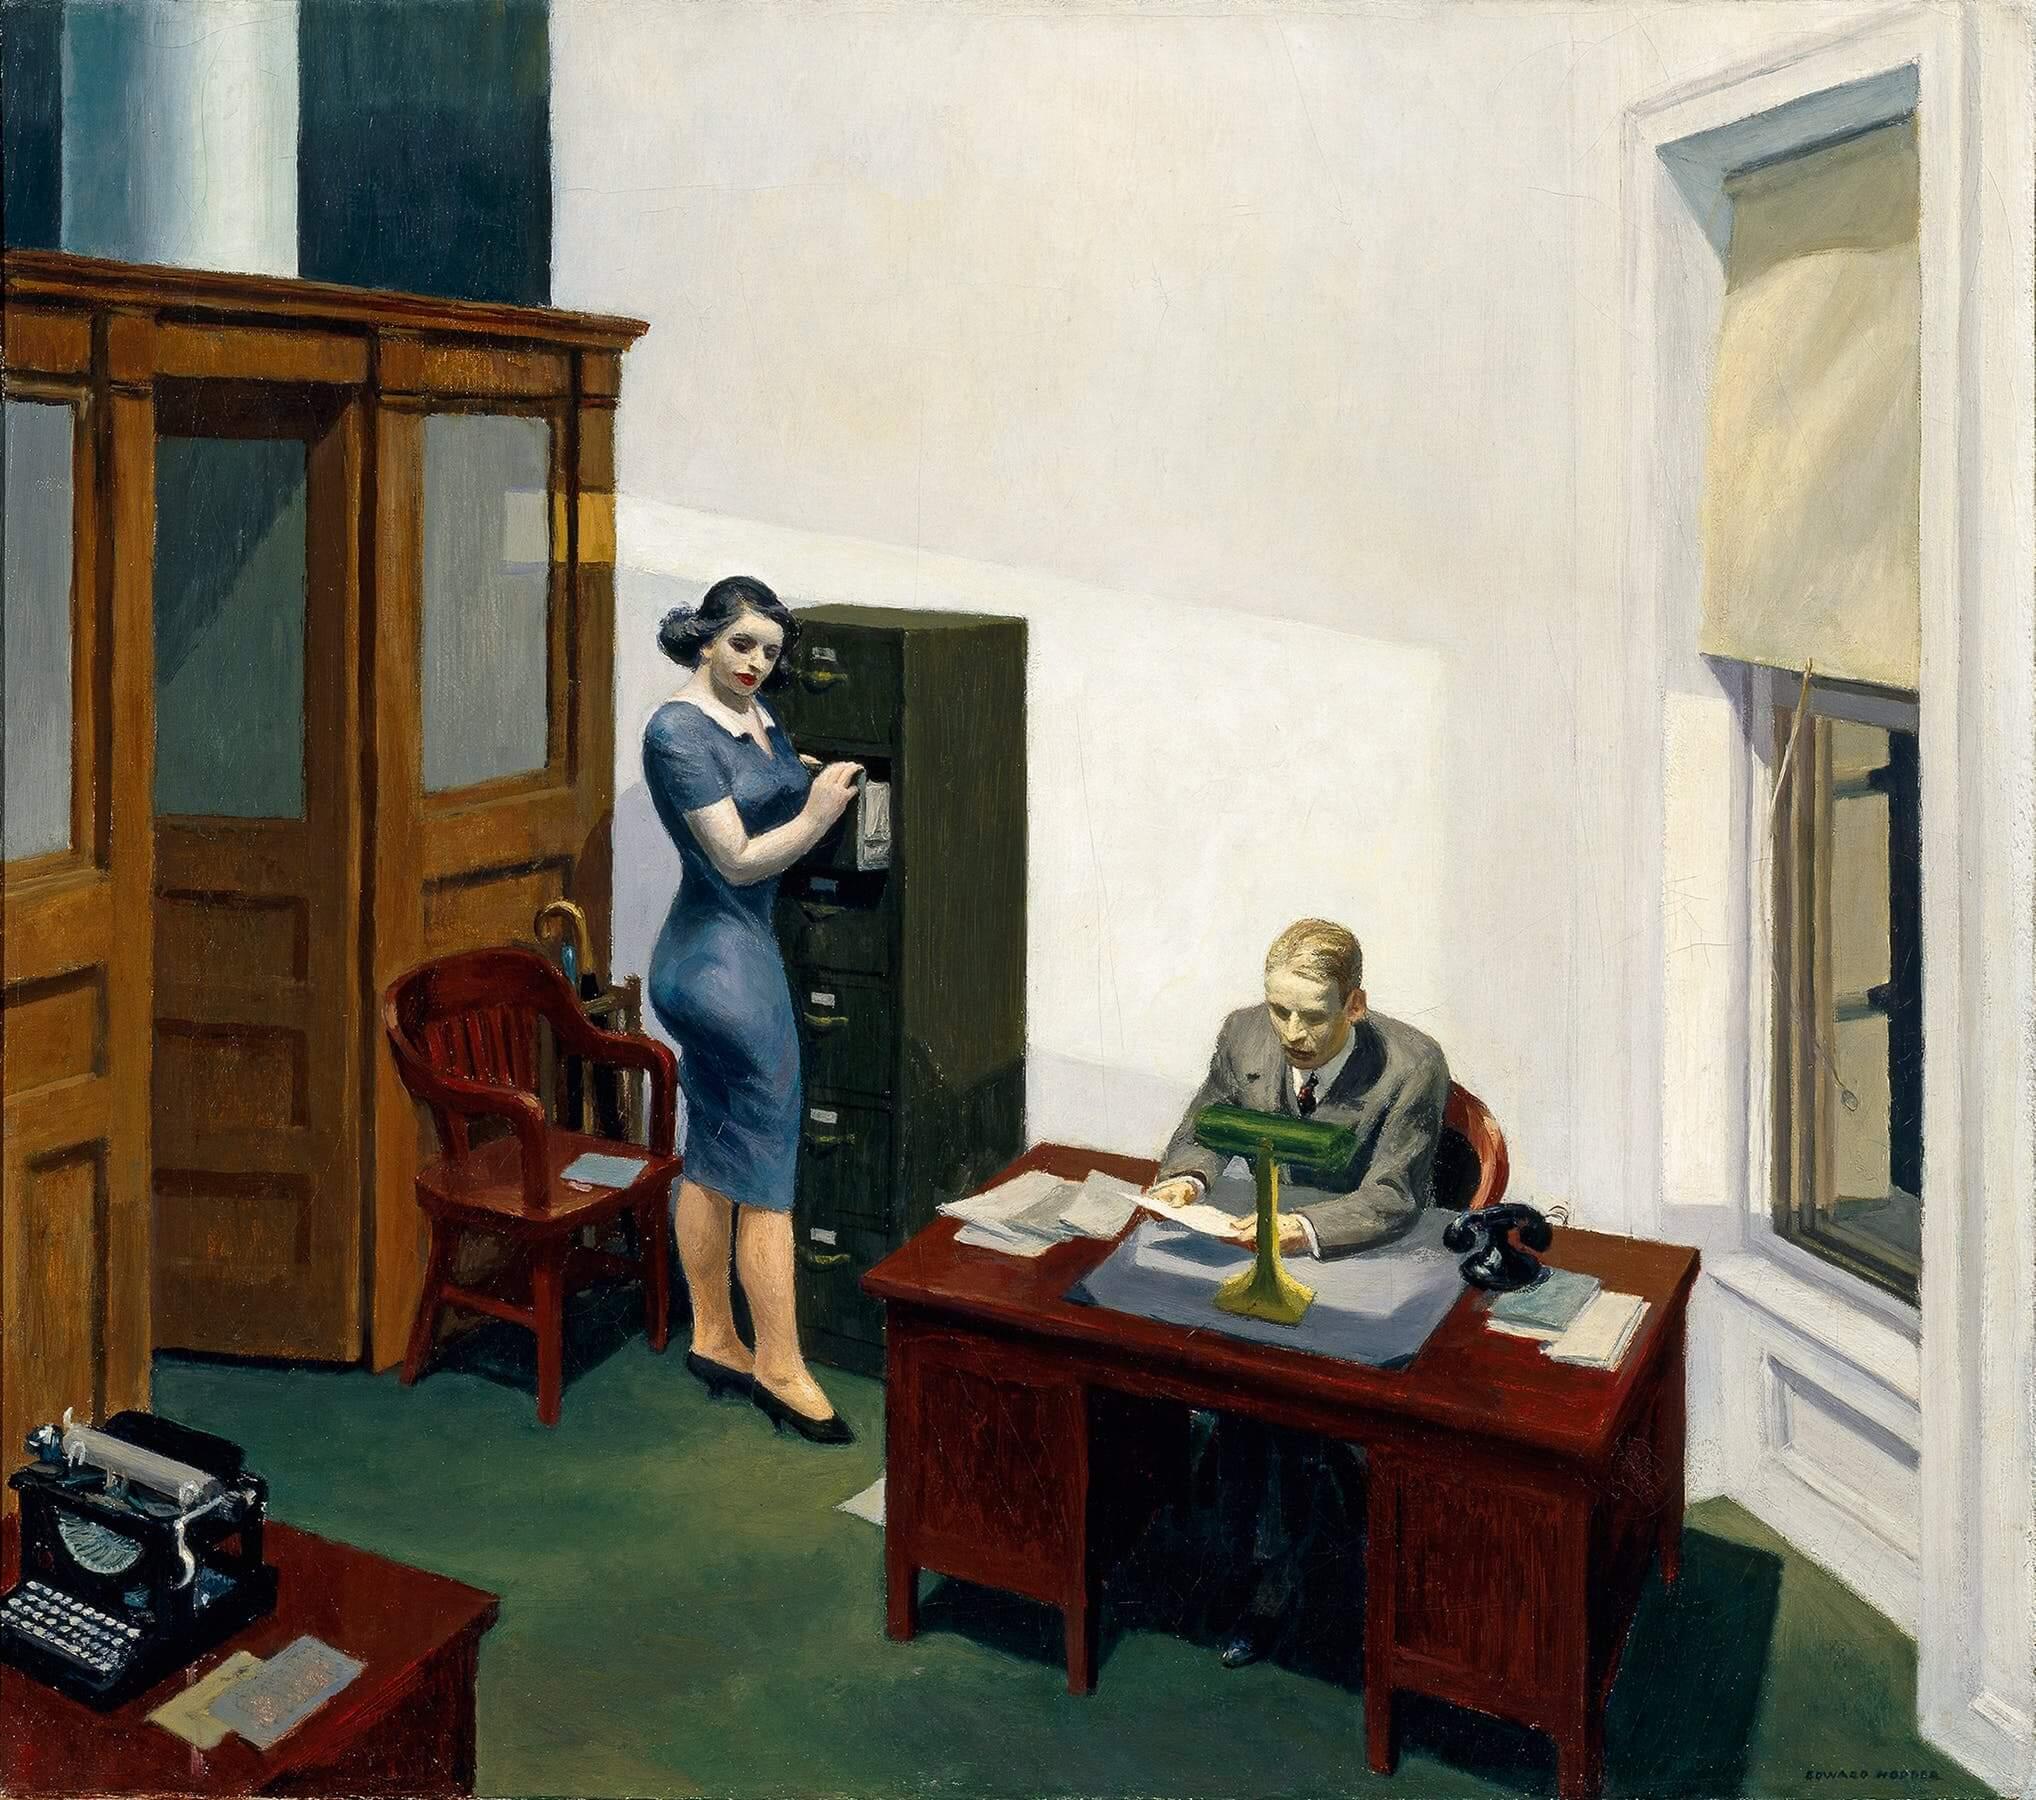 Cuadro 'Oficina de noche' de Hopper